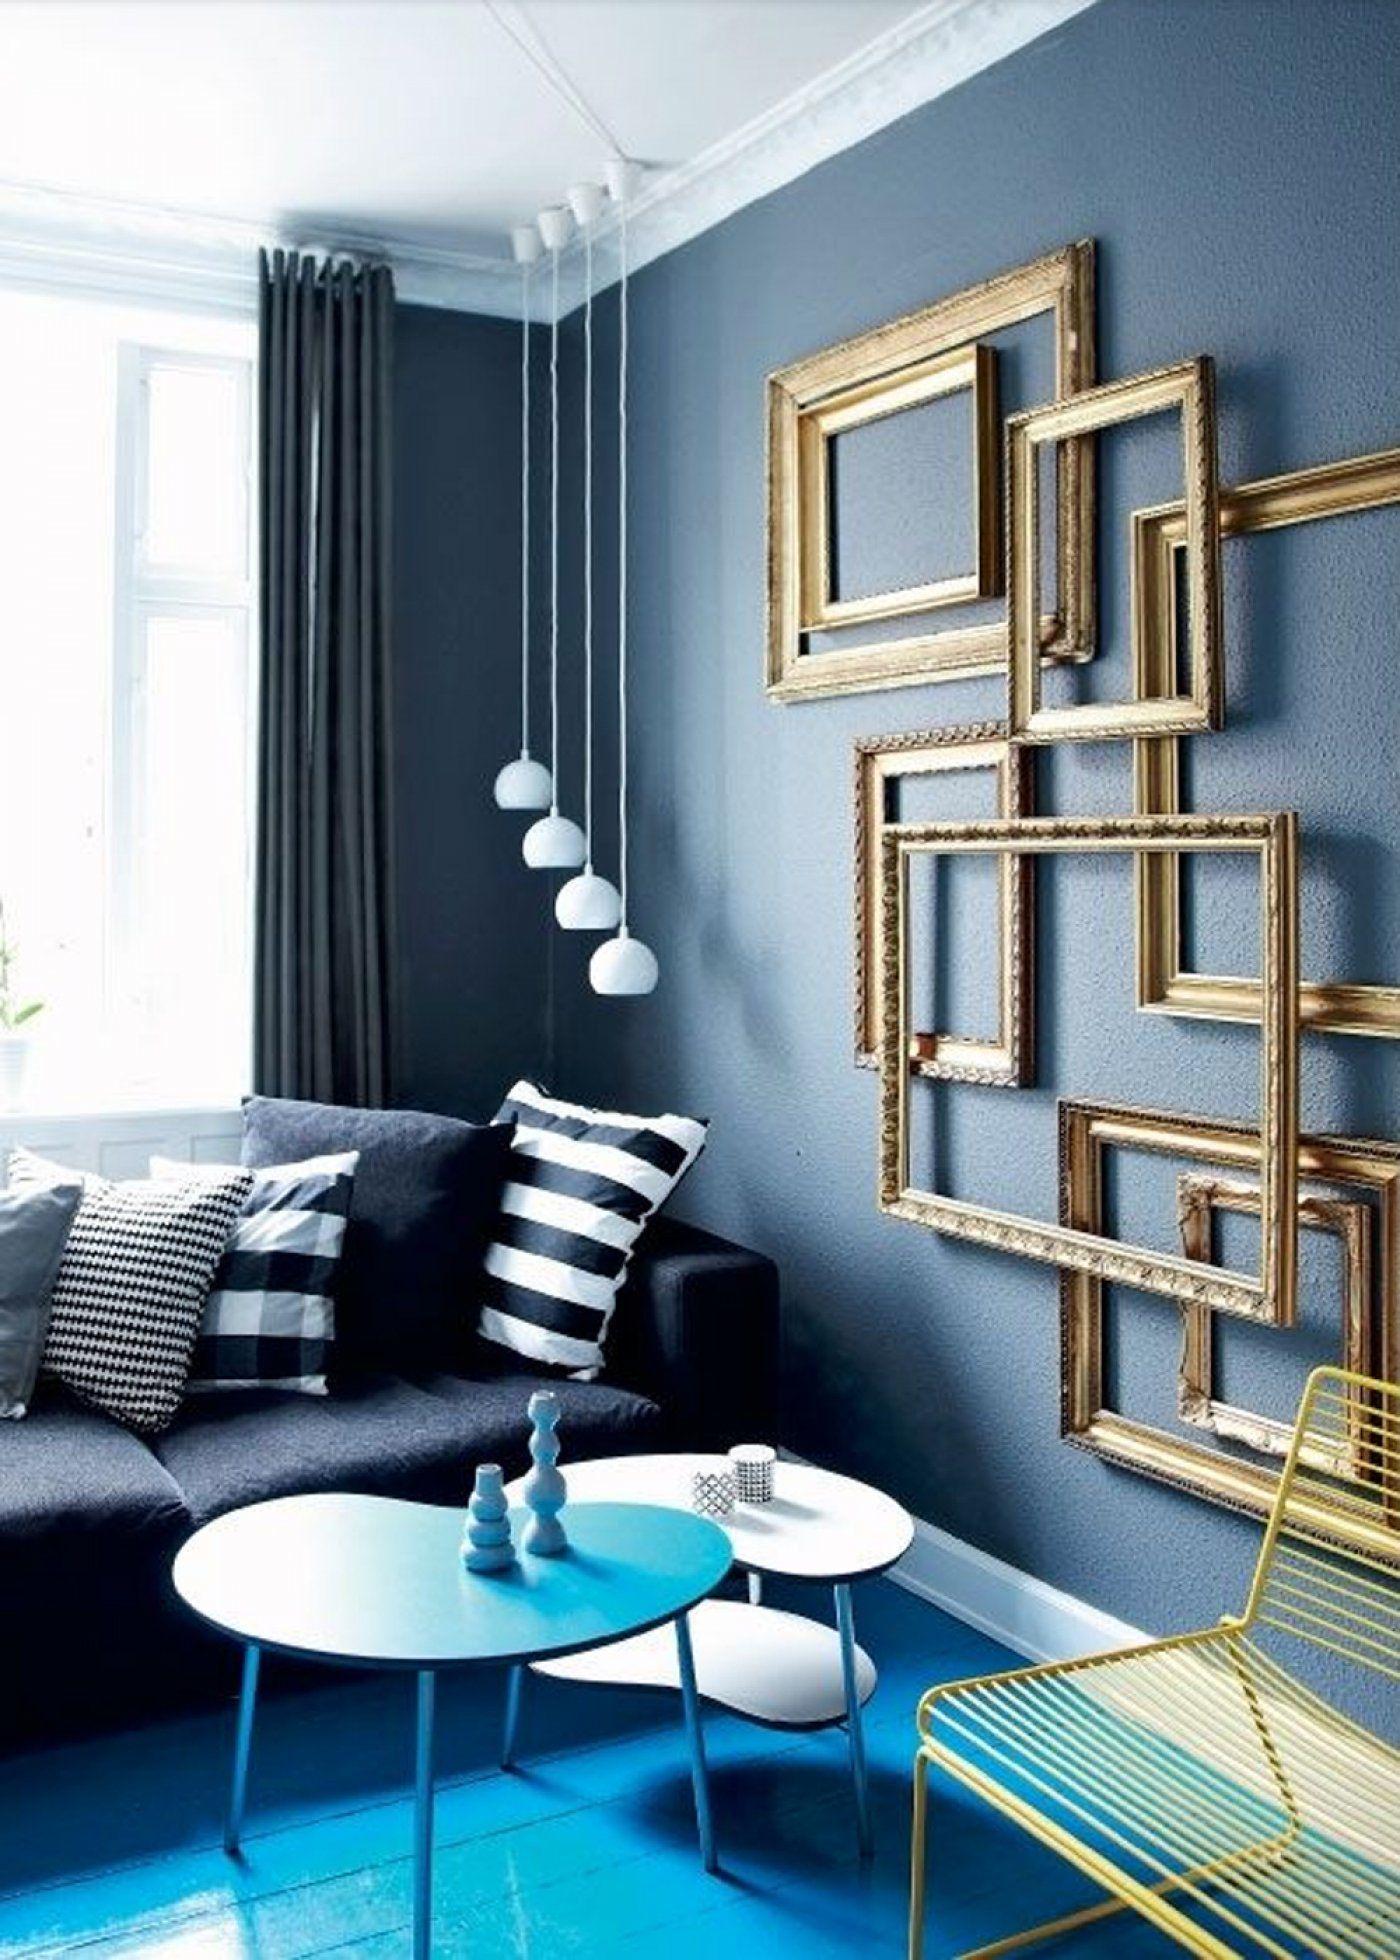 10 Murs Inspires Et Inspirants Reperes Sur Pinterest Avec Images